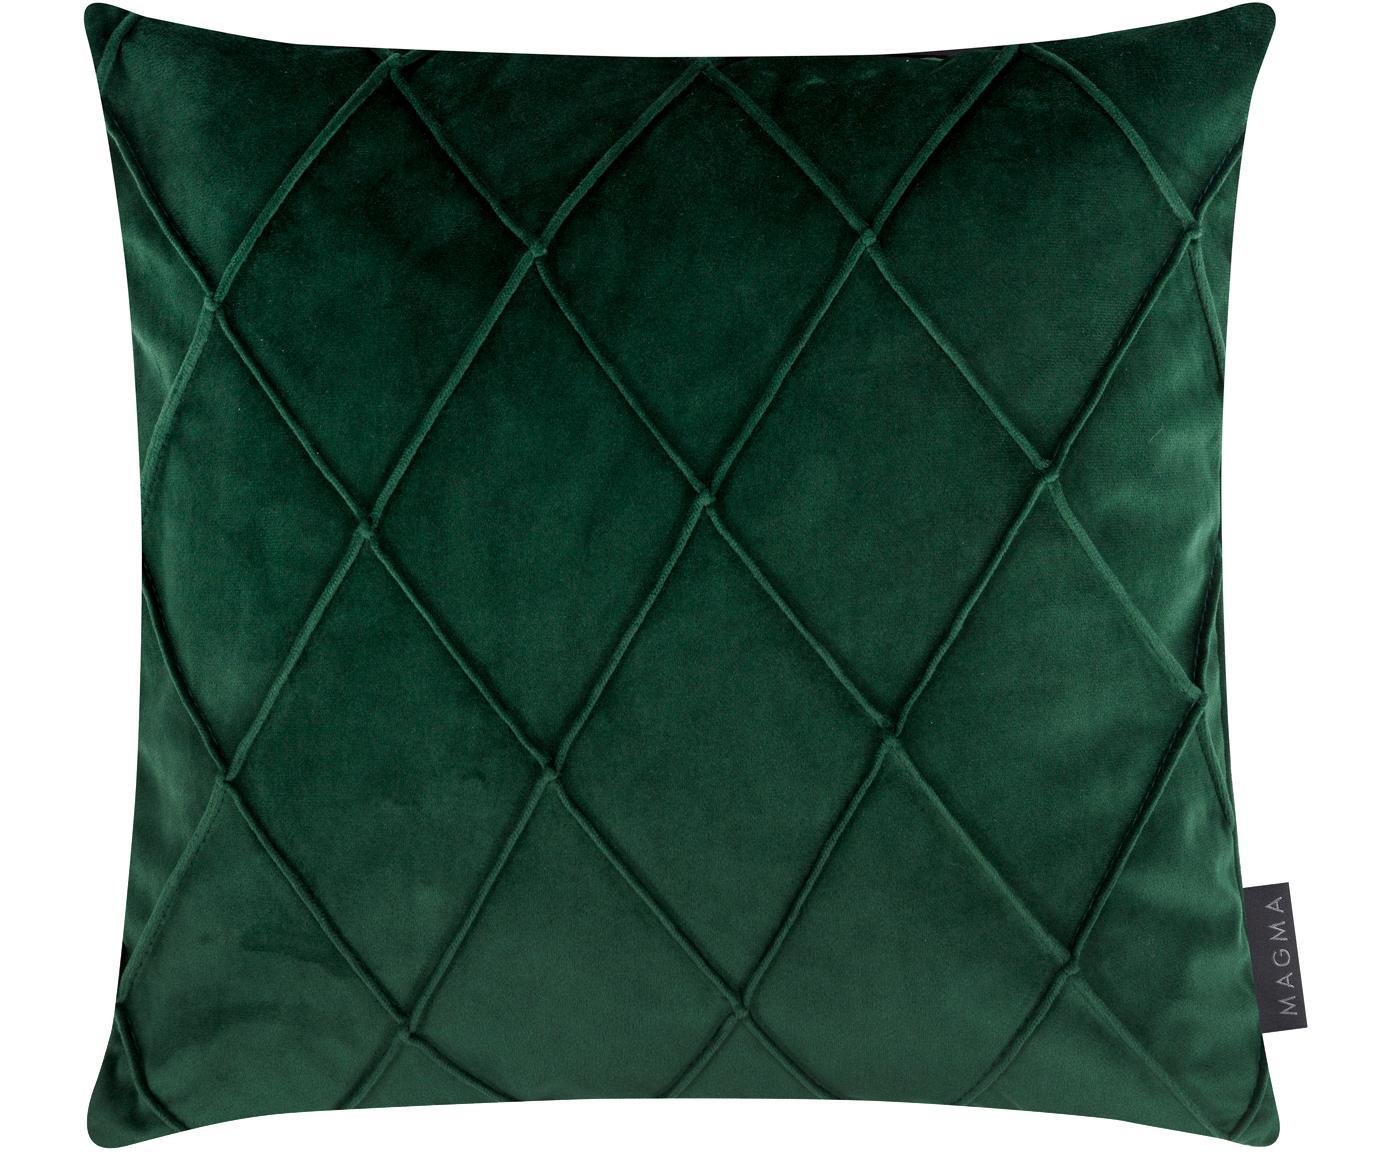 Federa arredo in velluto con motivo a rombi Nobless, Velluto di poliestere, Verde, Larg. 40 x Lung. 40 cm